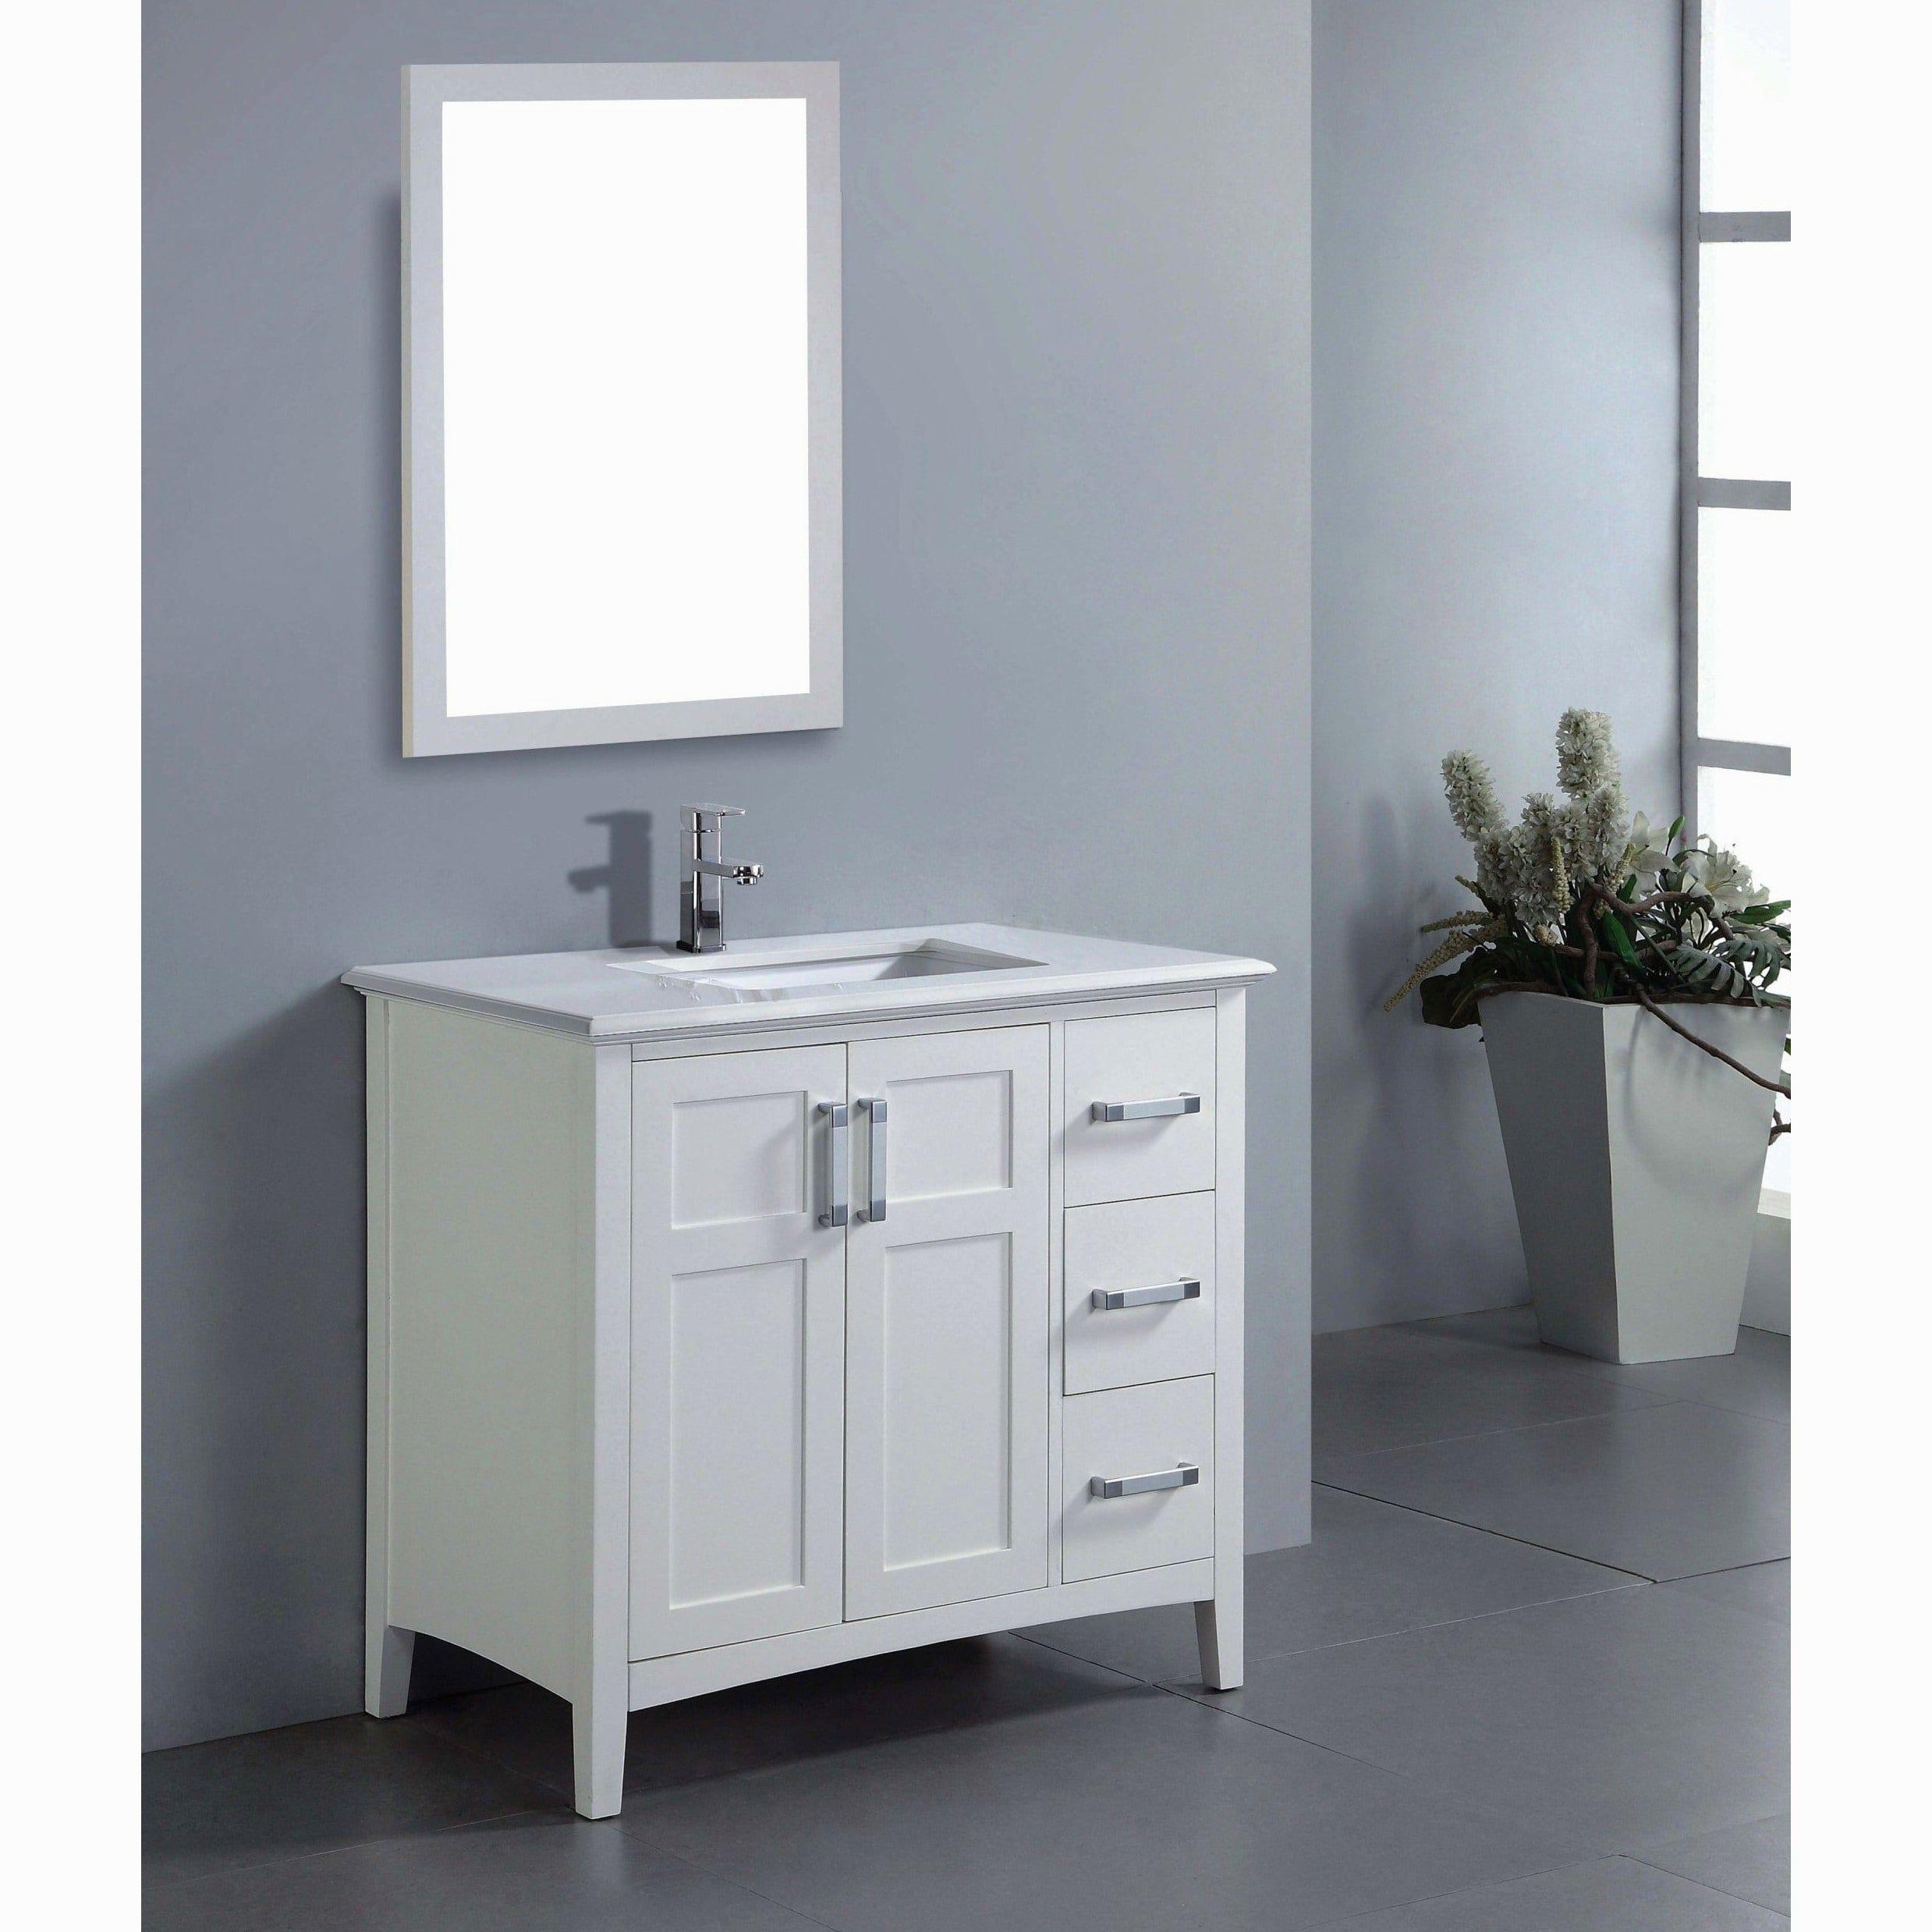 best of bathroom vanity 30 inch online-Fantastic Bathroom Vanity 30 Inch Model